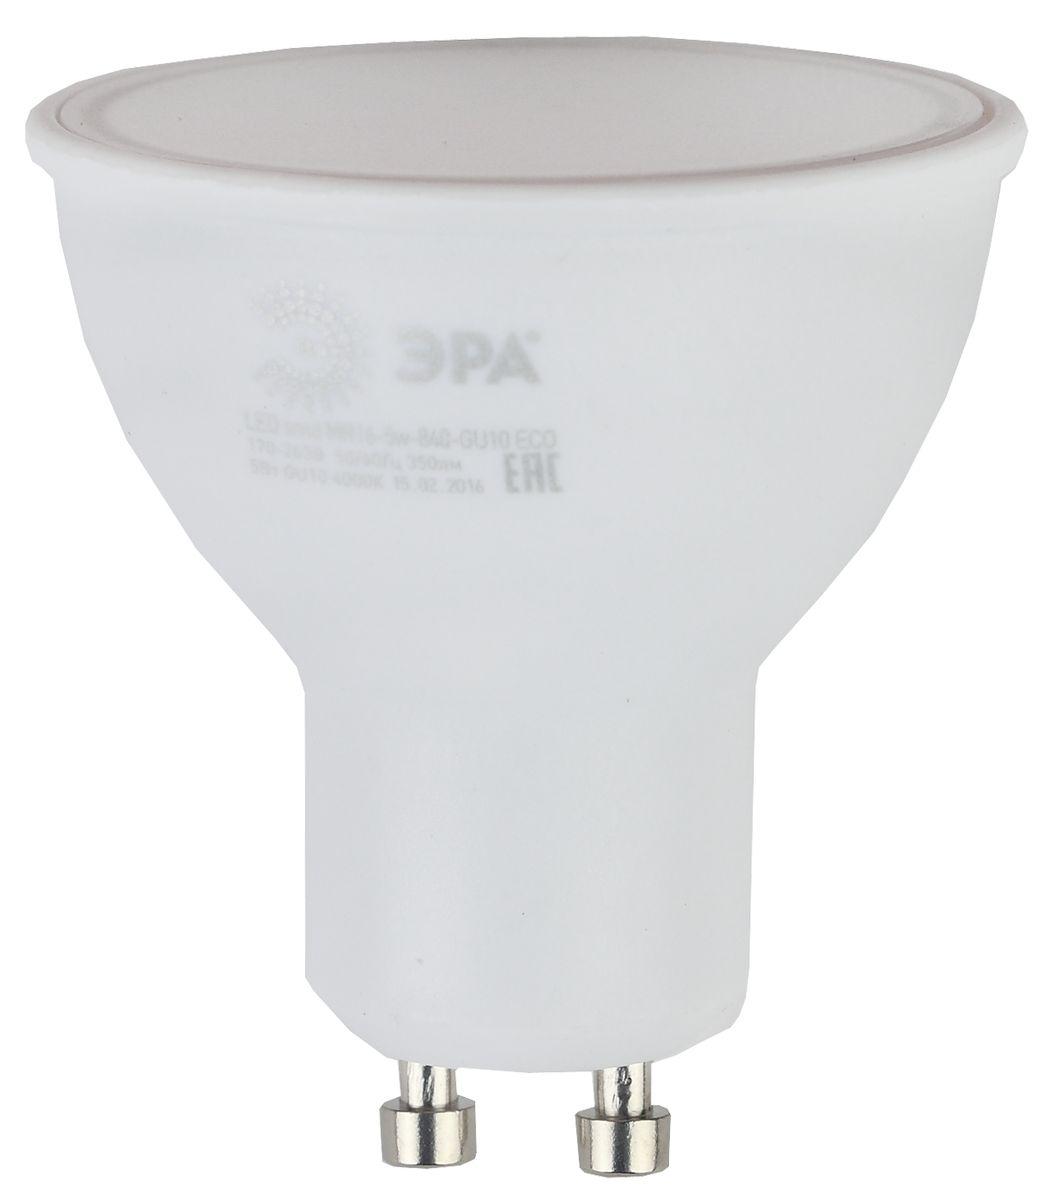 Лампа светодиодная ЭРА, цоколь GU10, 170-265V, 5W, 2700К. Б00190625055945536454Светодиодная лампа ЭРА является самым перспективным источником света. Основным преимуществом данного источника света является длительный срок службы и очень низкое энергопотребление, так, например, по сравнению с обычной лампой накаливания светодиодная лампа служит в среднем в 50 раз дольше и потребляет в 10-15 раз меньше электроэнергии. При этом светодиодная лампа практически не подвержена механическому воздействию из-за прочной конструкции и позволяет получить любой цвет светового потока, что, несомненно, расширяет возможности применения и позволяет создавать новые решения в области освещения. Особенности серии Eco: Предназначена для обычного потребителя Цена ниже, чем цена компактной люминесцентной лампы Световая отдача источников света - 70-80 лм/Вт Срок службы составляет 25000 часов Гарантия - 1 год. Работа в цепи с выключателем с подсветкой не рекомендована.